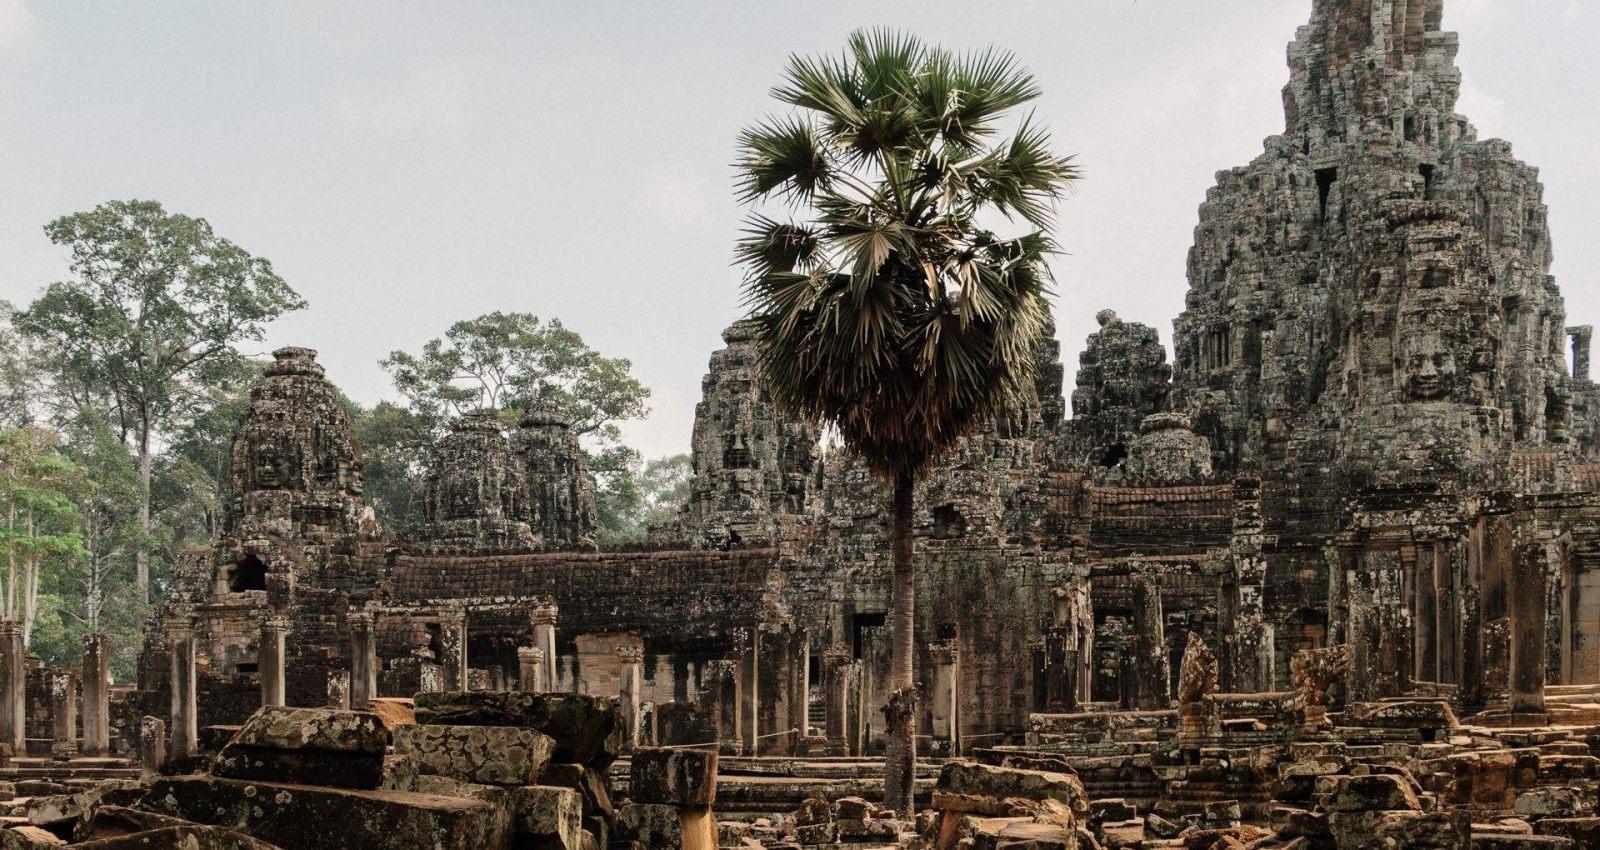 Kambodscha